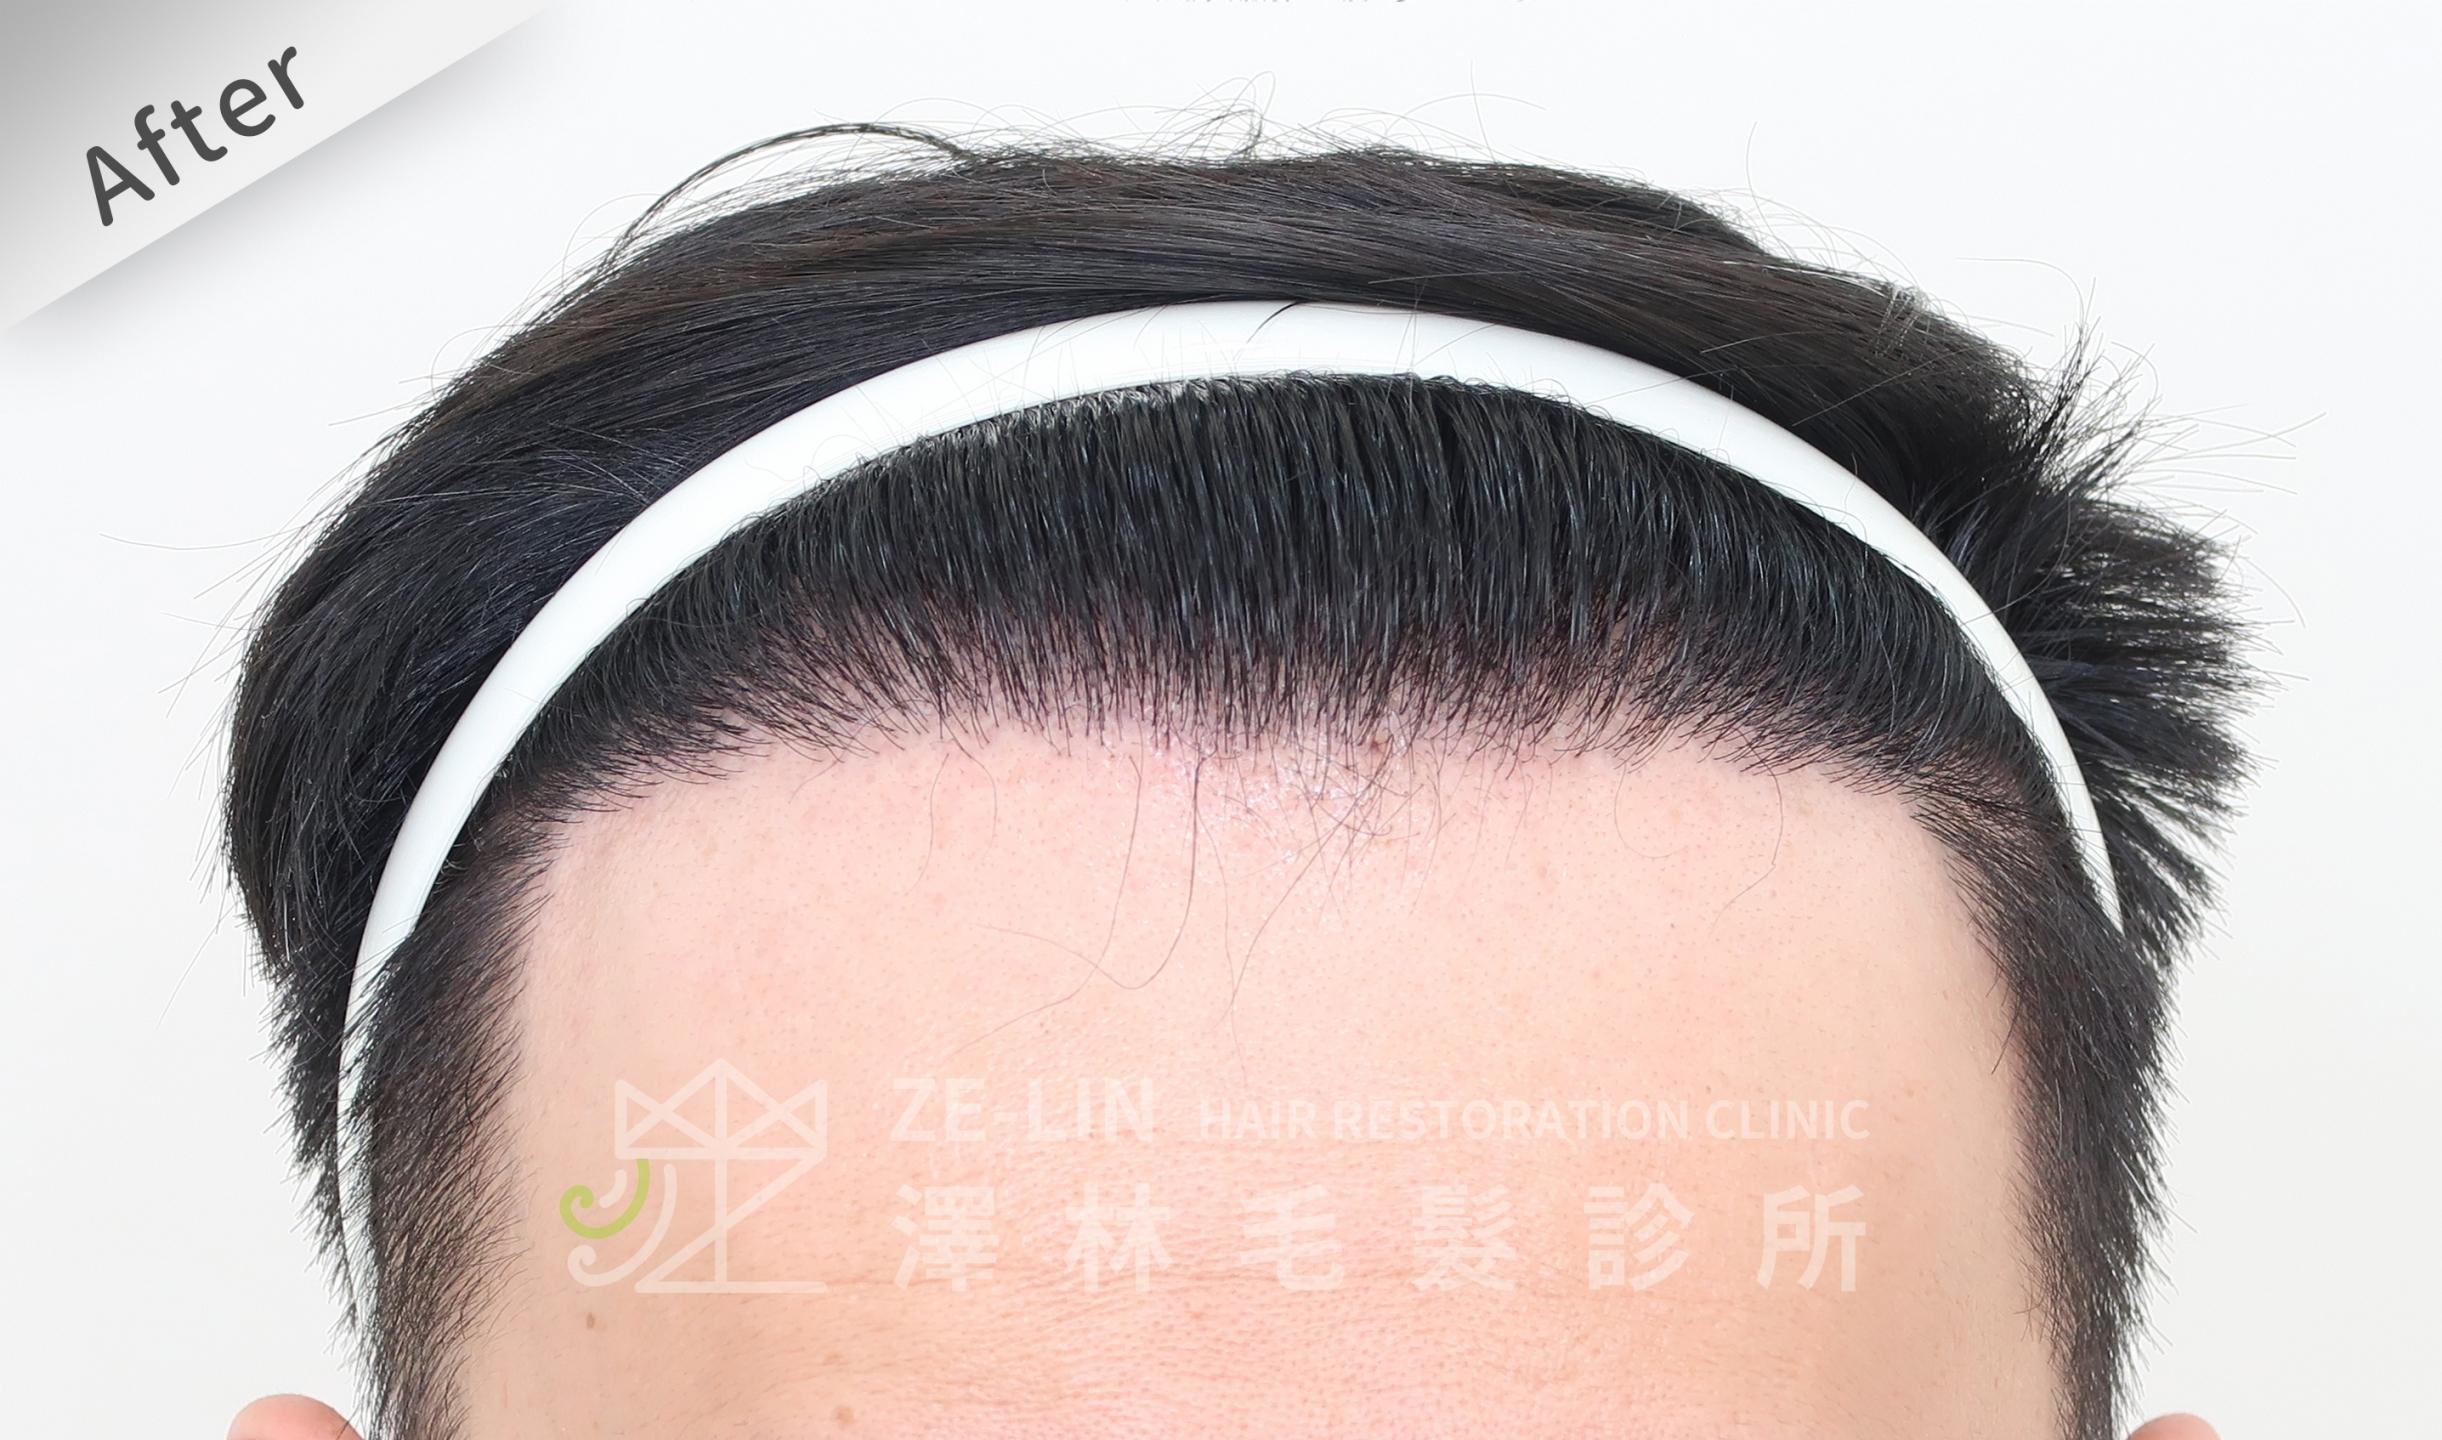 M型禿植髮推薦案例心得分享術後12-1